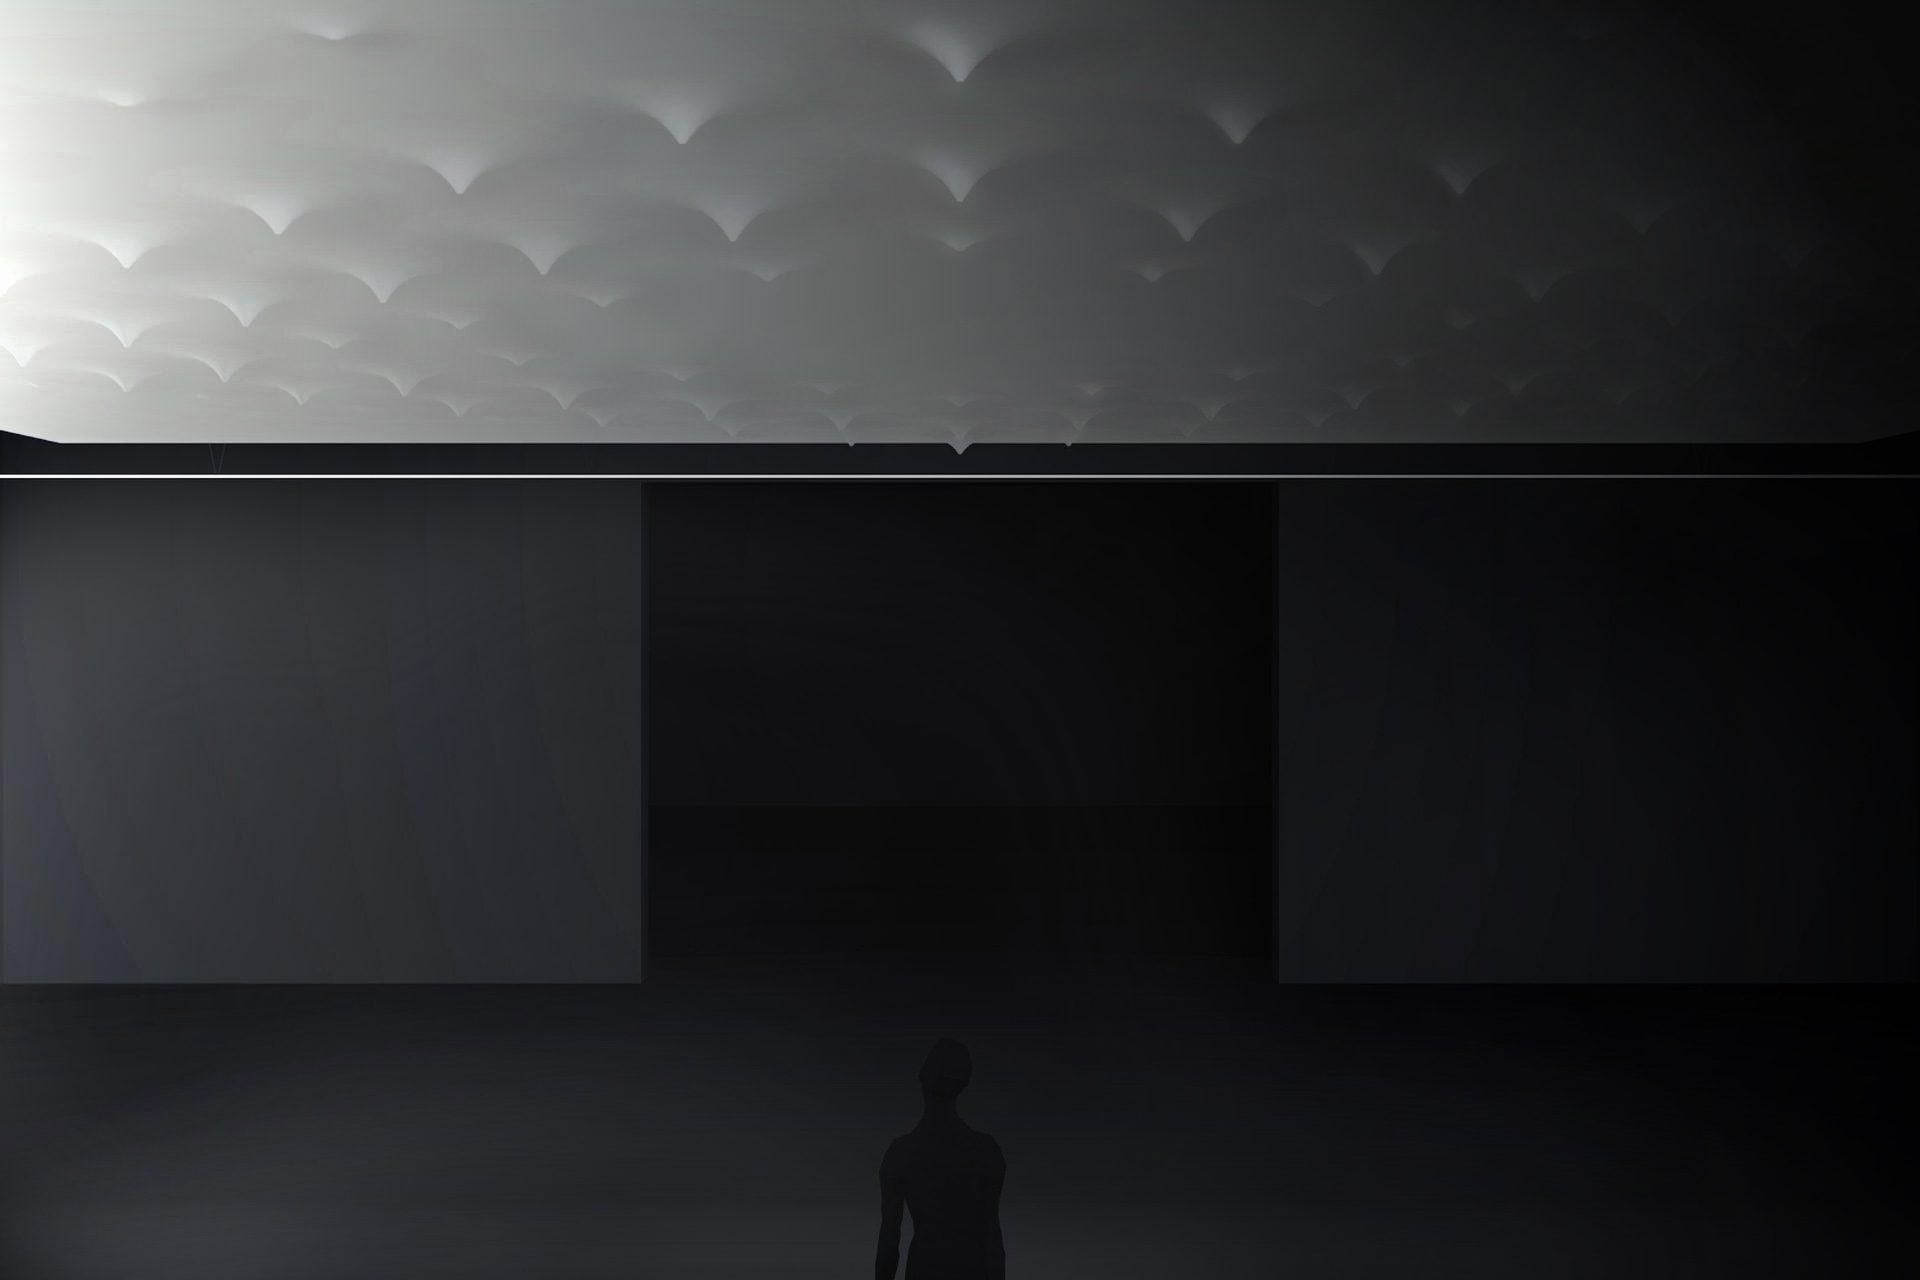 kc-1-shadow